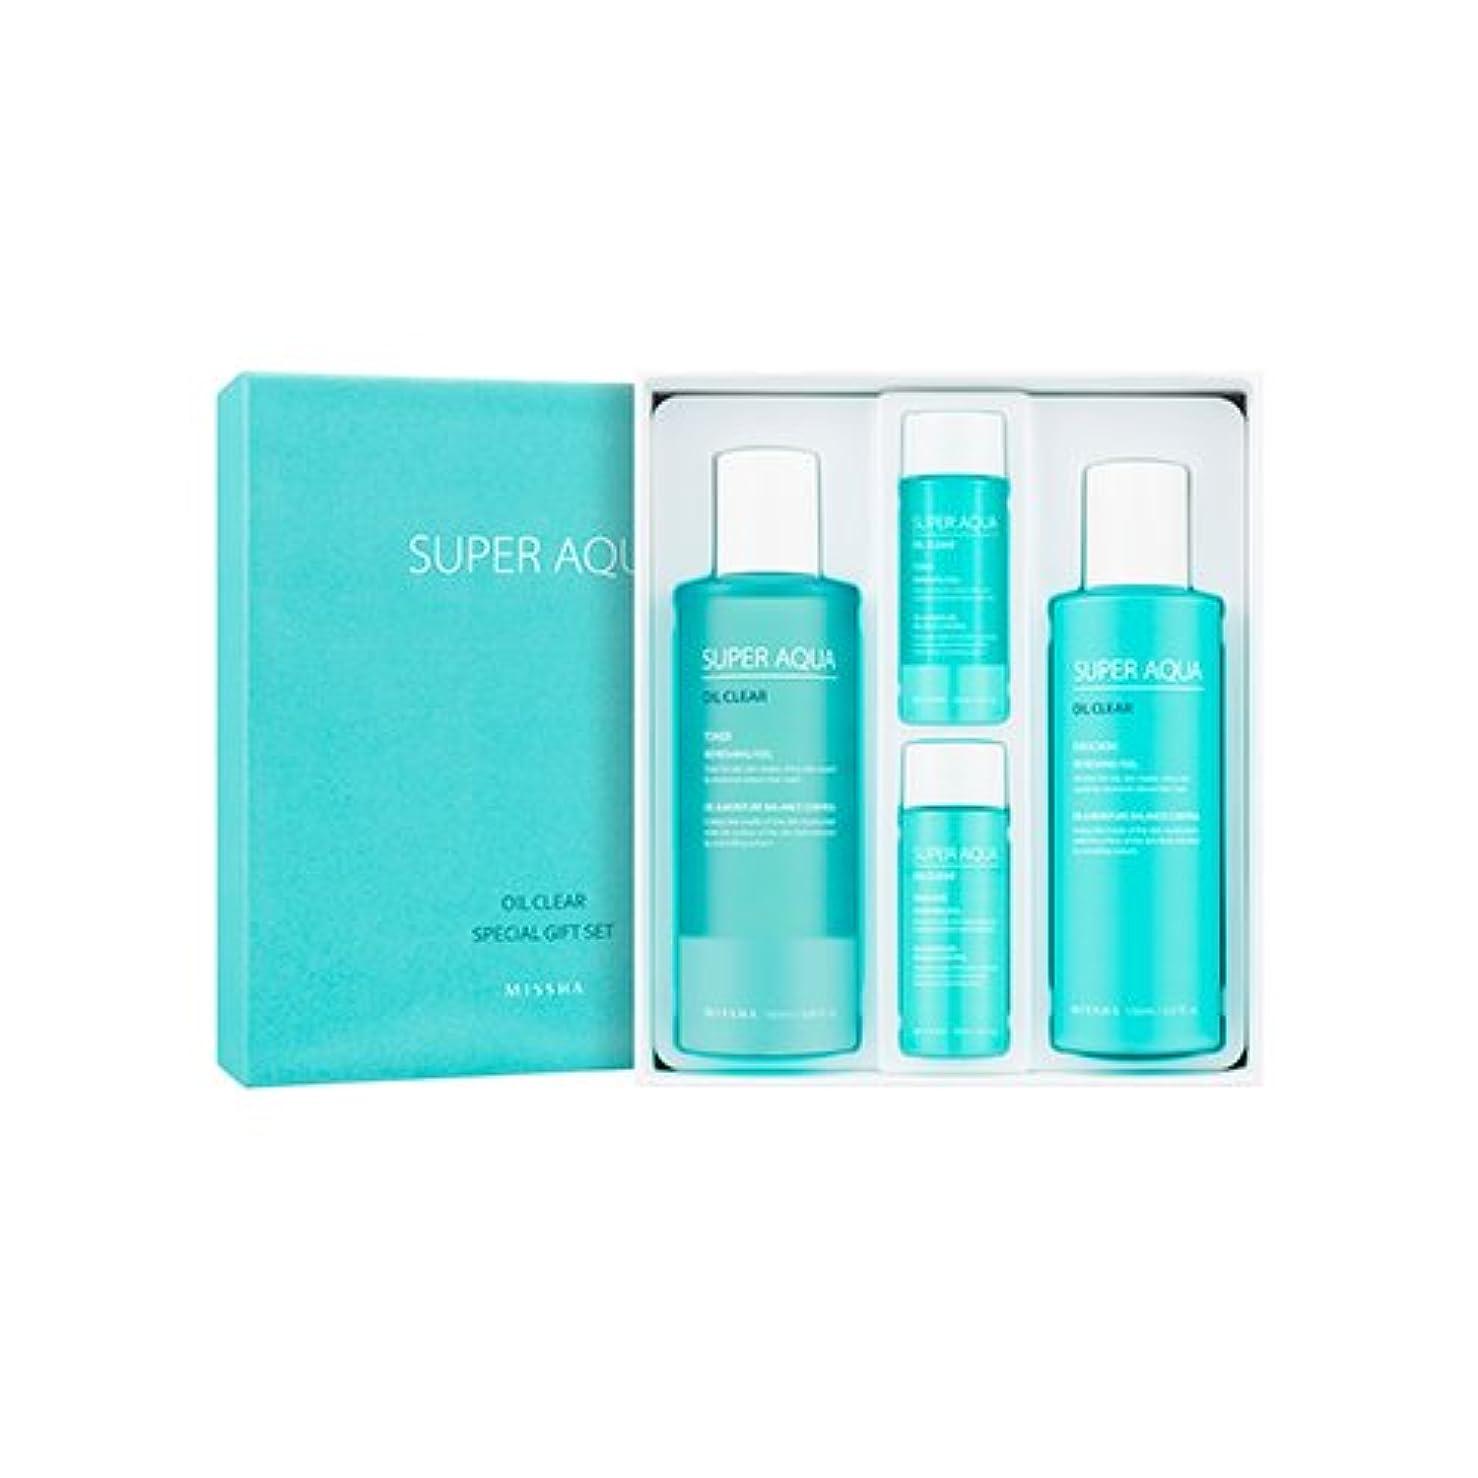 針服を着る健康的MISSHA Super Aqua Oil Clear Special Gift Set/ミシャ スーパーアクアオイルクリアスペシャルギフトセット [並行輸入品]